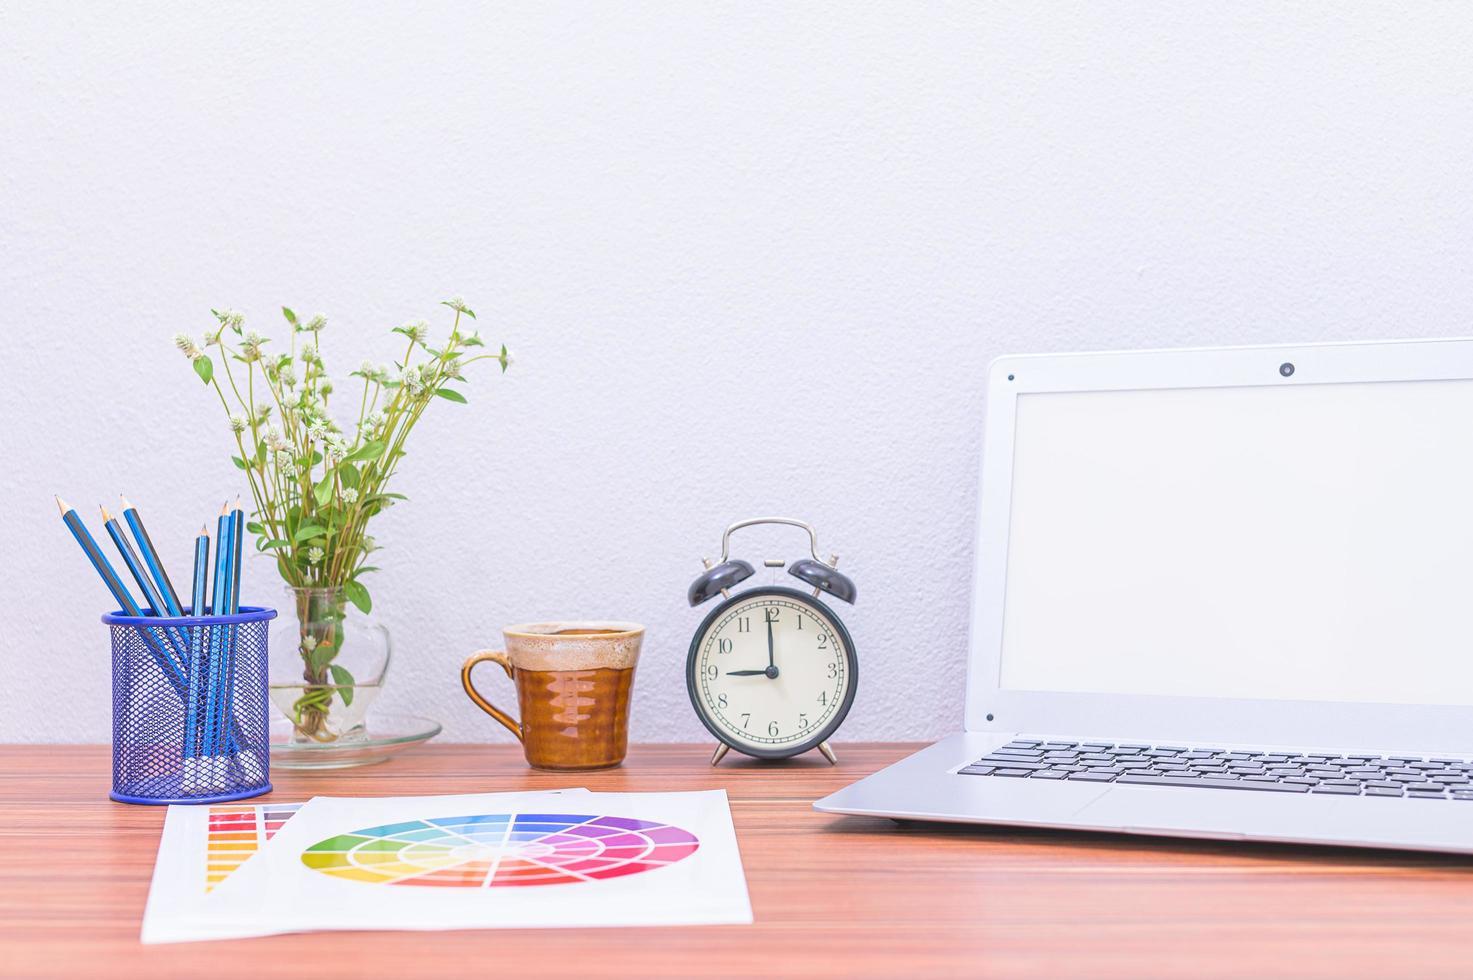 ordinateur portable, documents et fleur sur le bureau photo